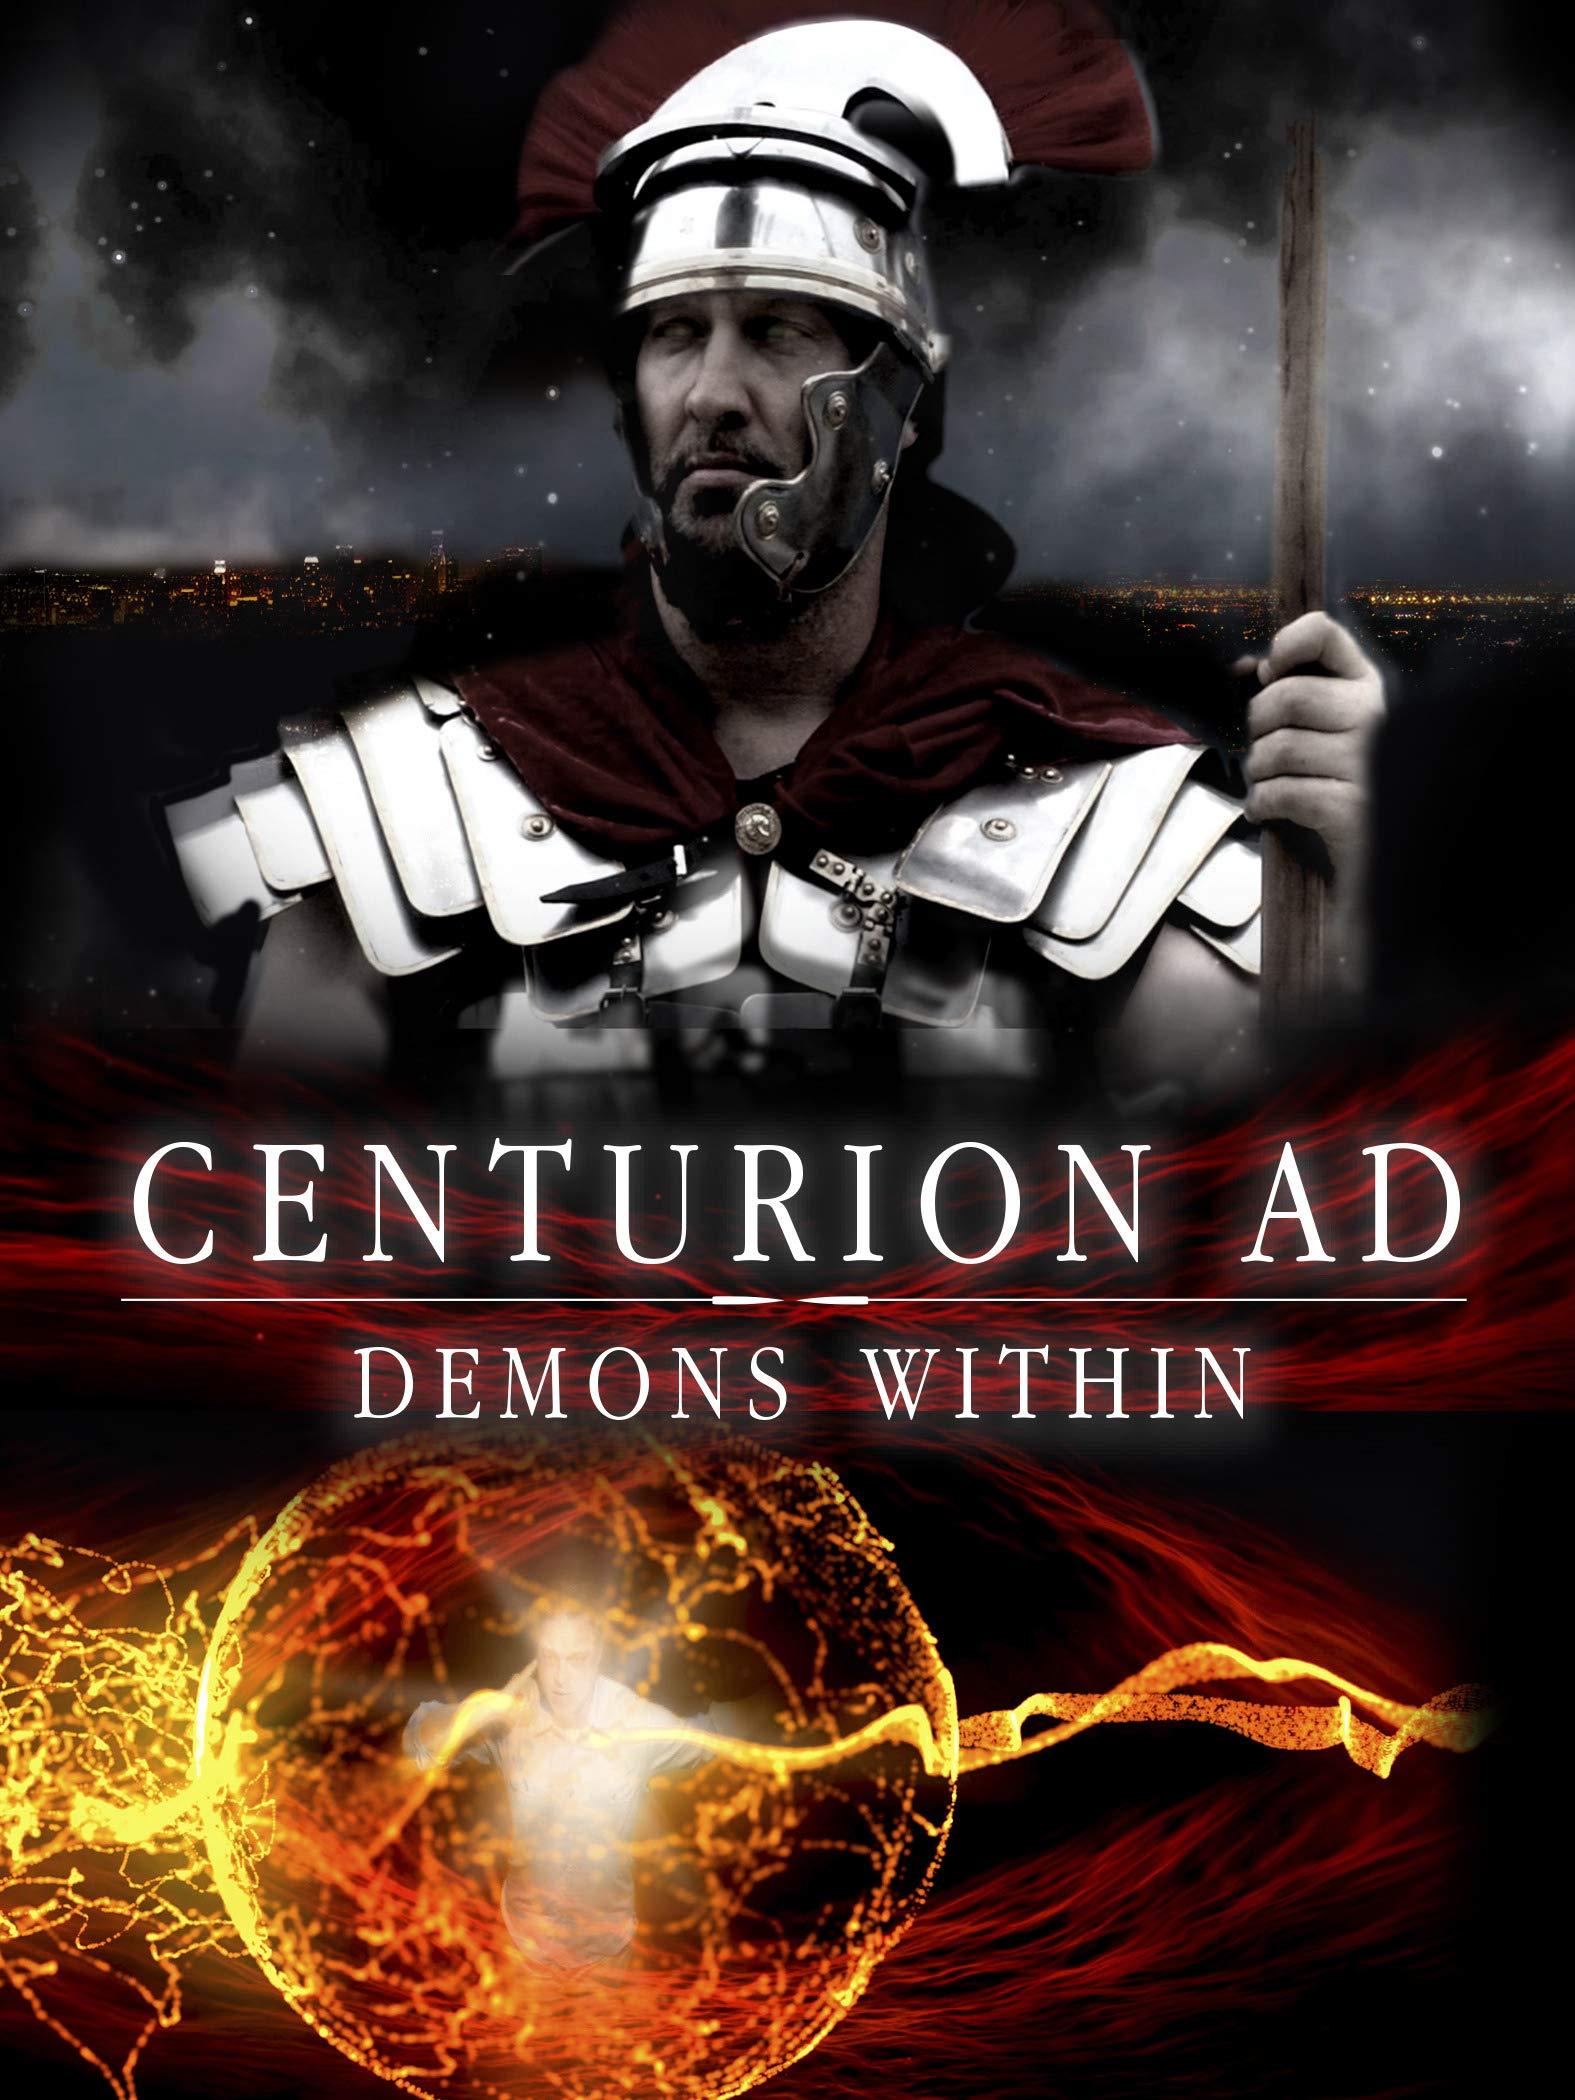 Centurion A.D.